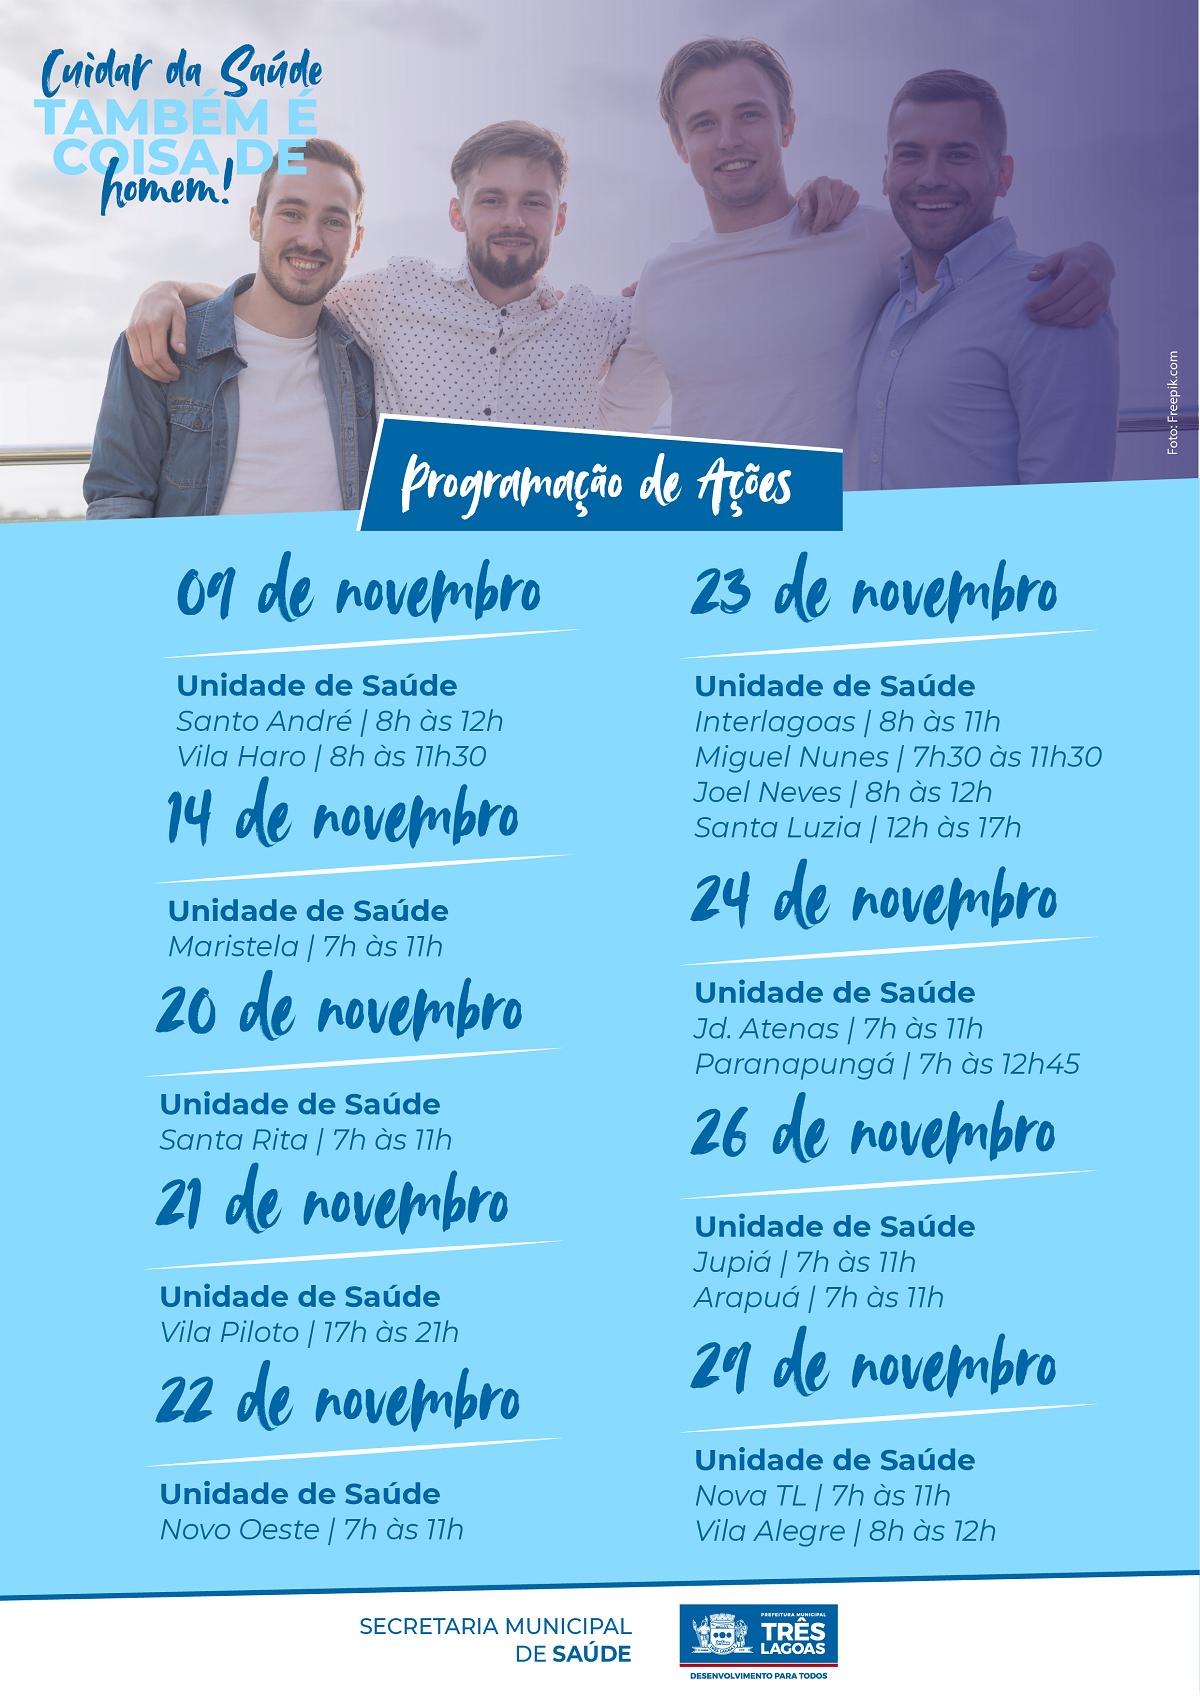 Homens são convidados a participar sábado de ações da Saúde no Santo André e Vila Haro